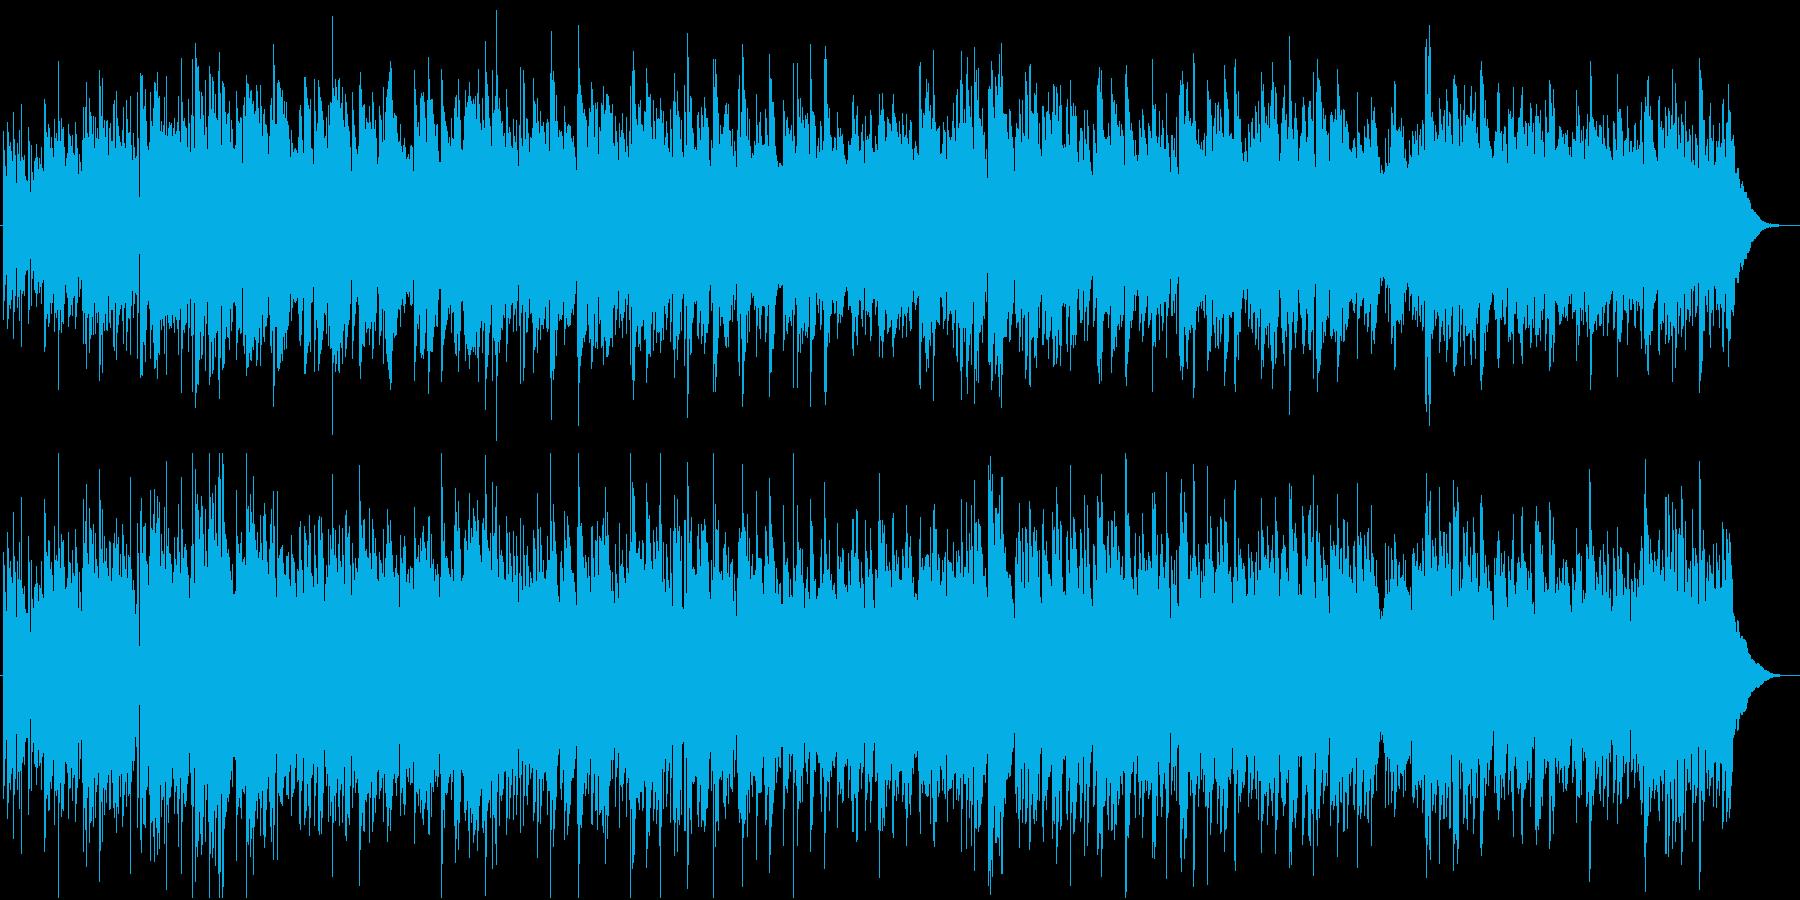 明るく楽しい音色のアコースティックの再生済みの波形